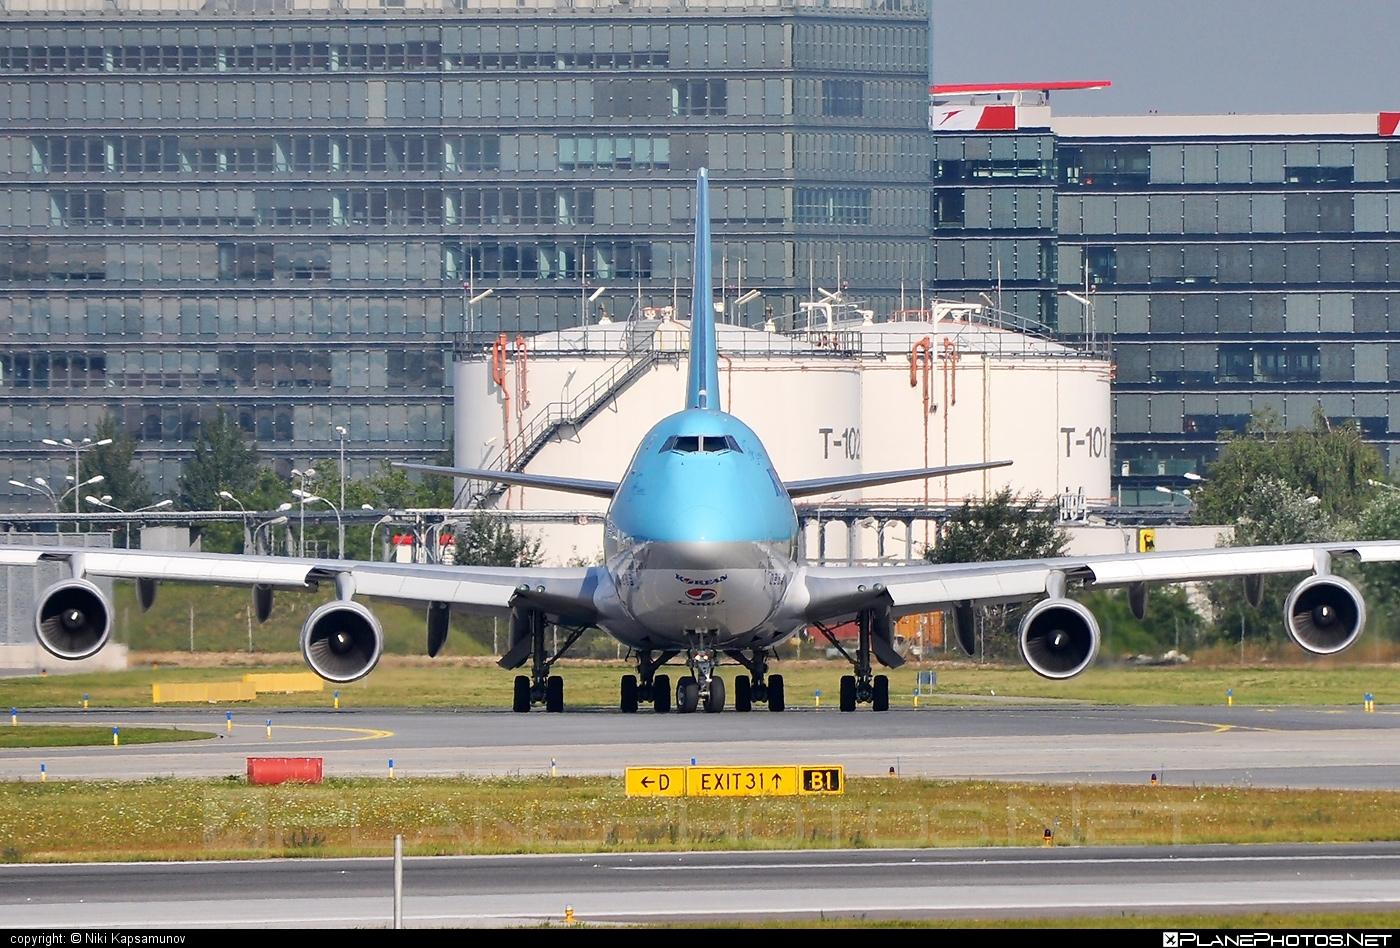 Boeing 747-400ERF - HL7499 operated by Korean Air Cargo #b747 #b747erf #b747freighter #boeing #boeing747 #jumbo #koreanair #koreanaircargo